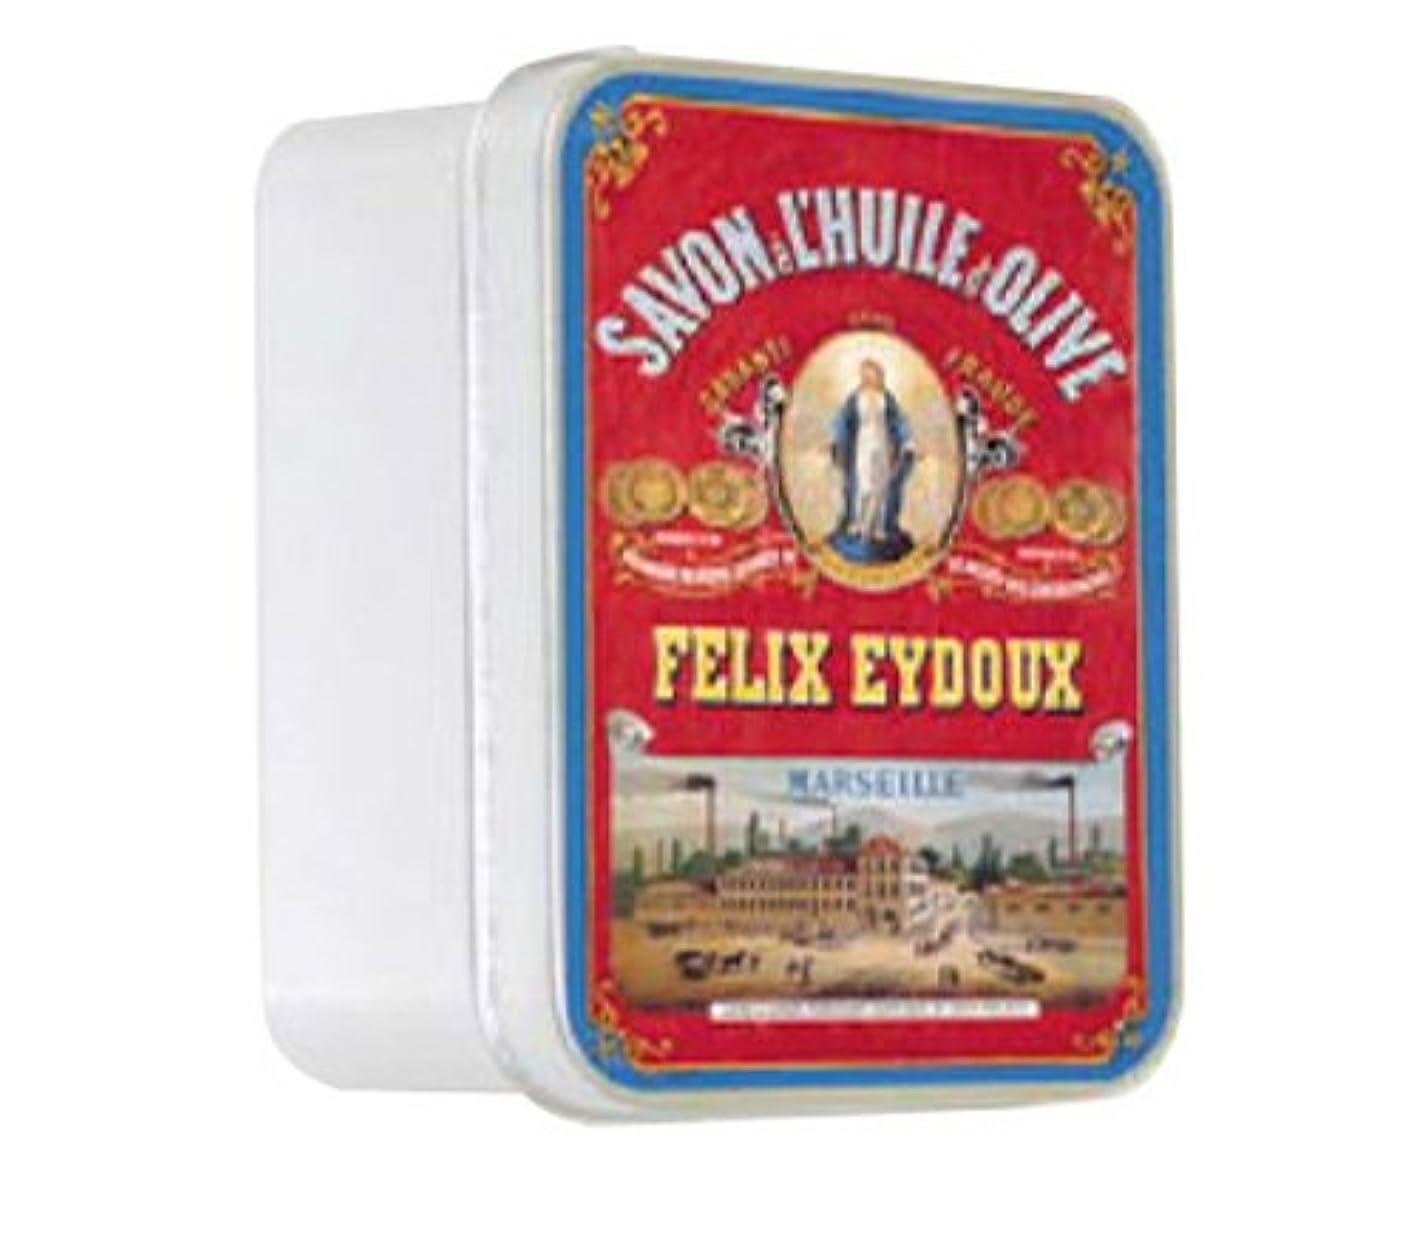 キウイバンド技術ルブランソープ メタルボックス(マルセイユソープ?オリーブの香り)石鹸